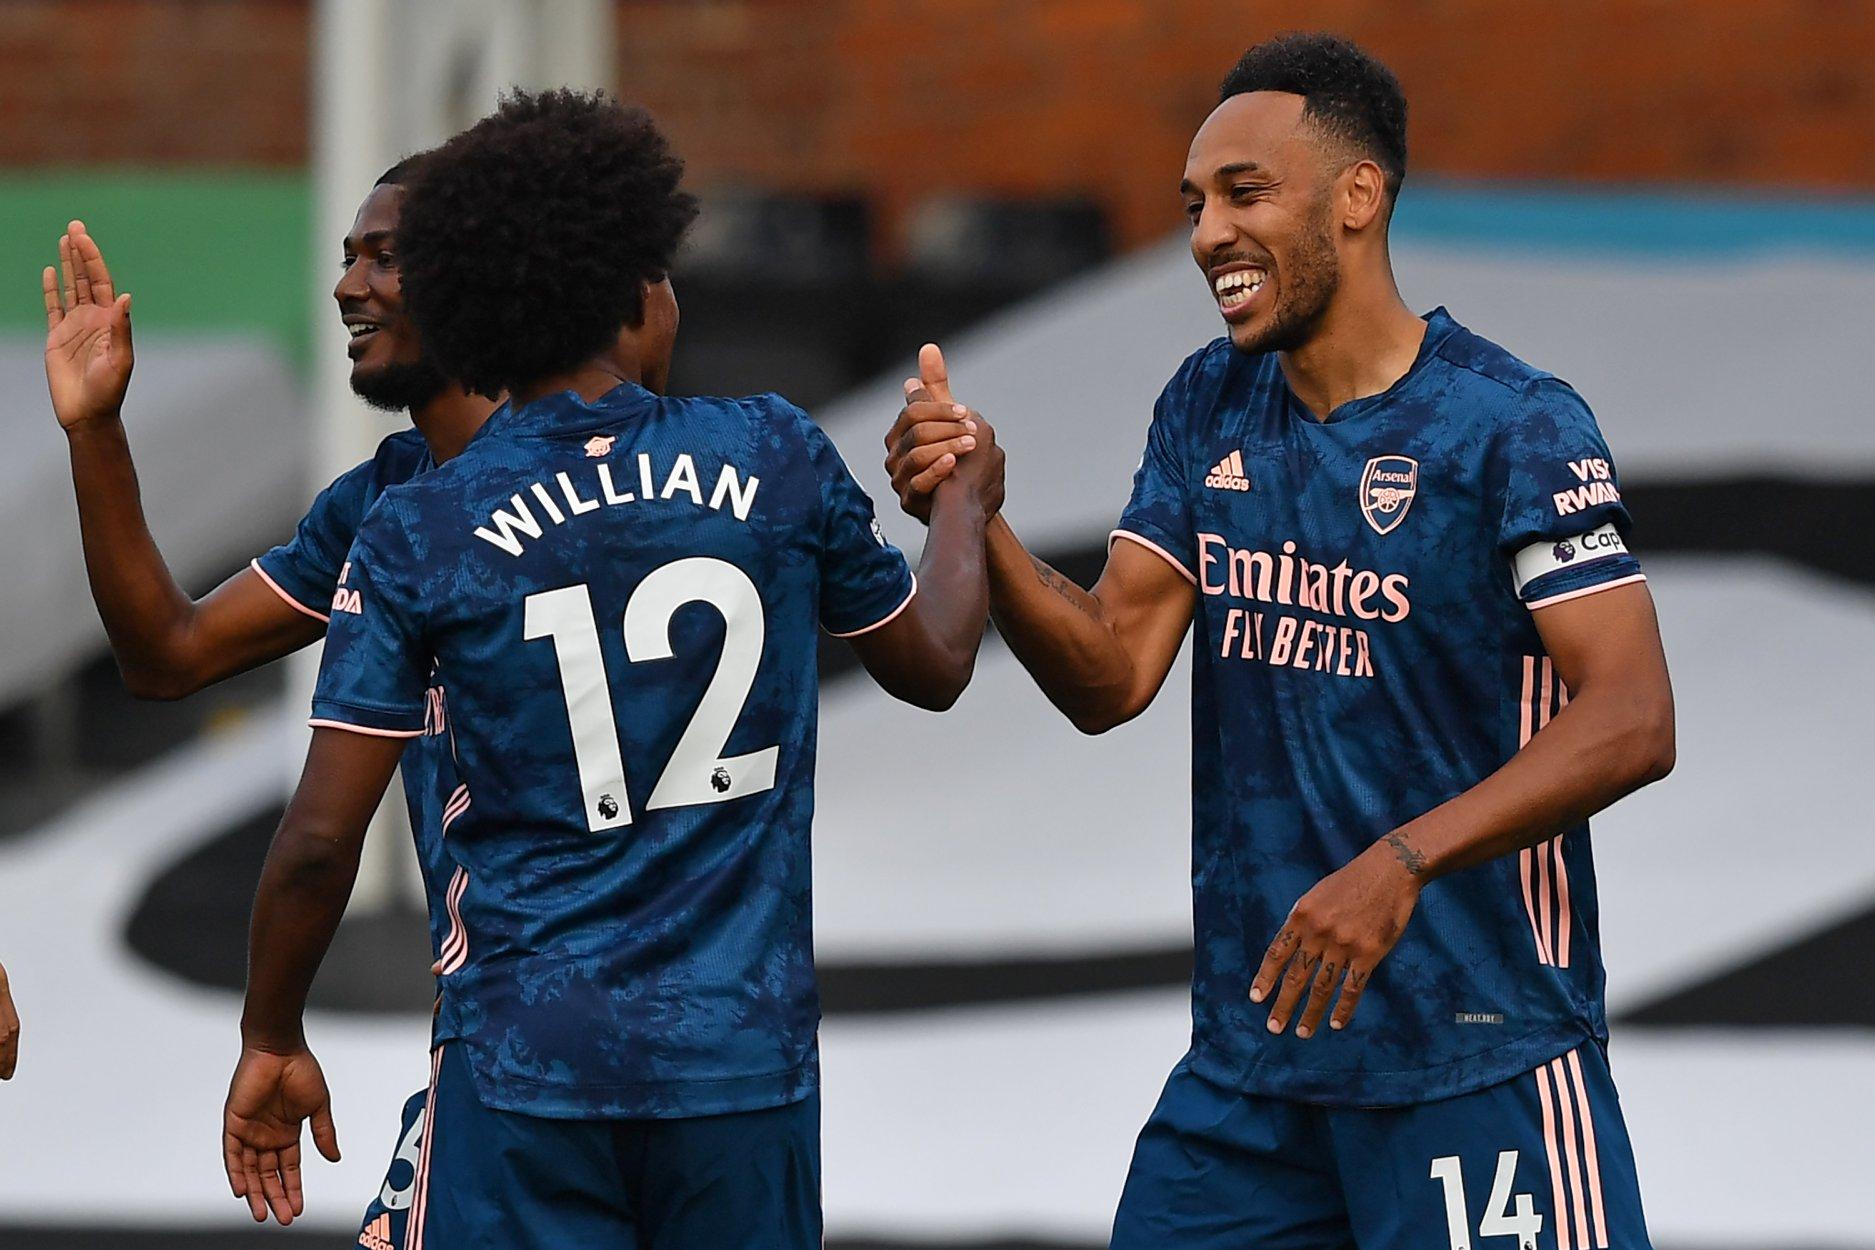 Đá trận đầu, Willian đã cho Arsenal thấy được giá trị! - Bóng Đá